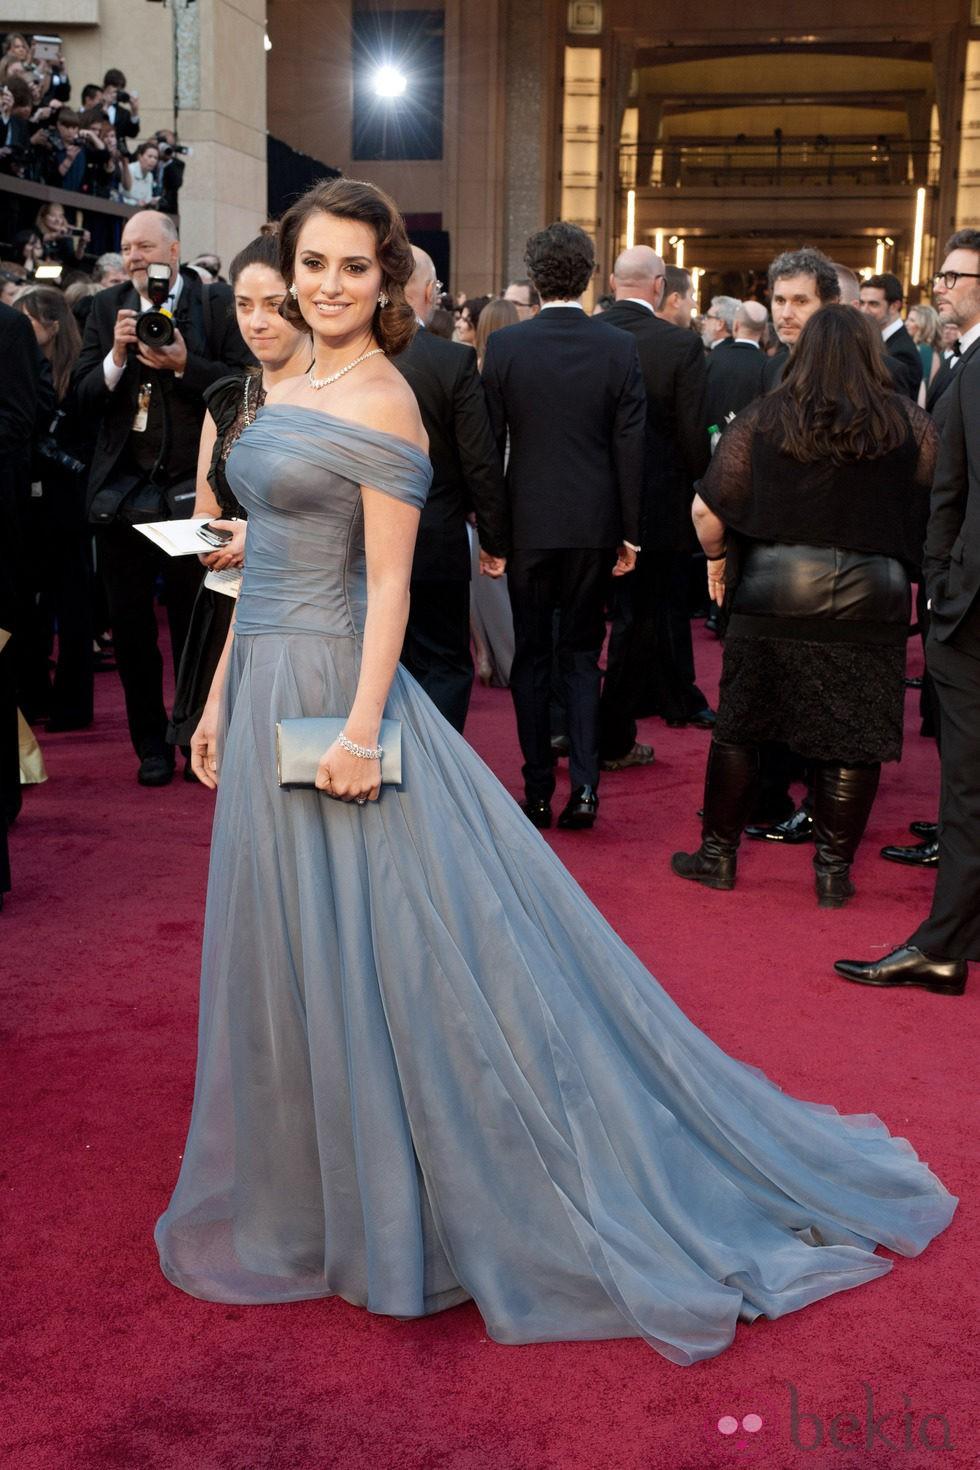 Penélope Cruz con peinado estilo años 20 en los Oscars 2012